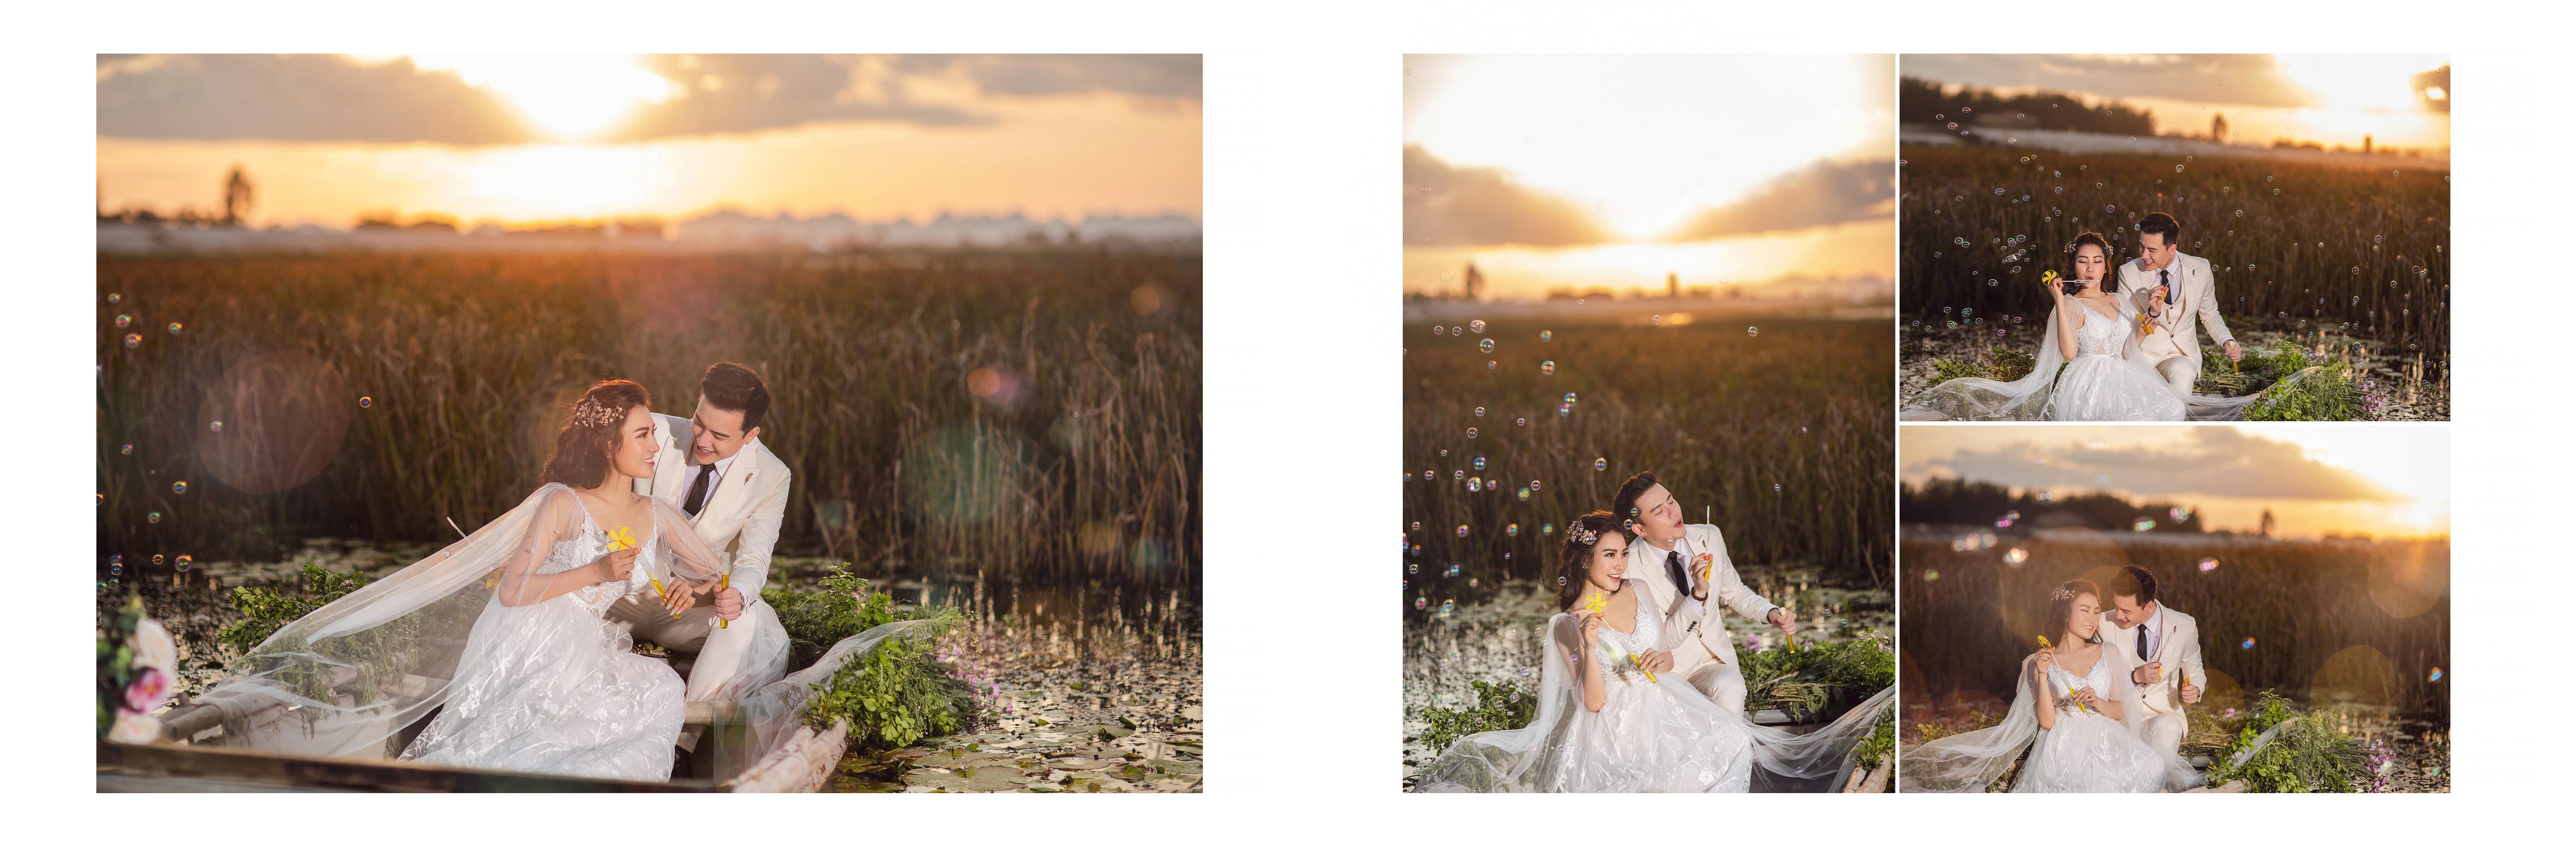 Chụp ảnh cưới ở Vân Long tại Ninh Bình !